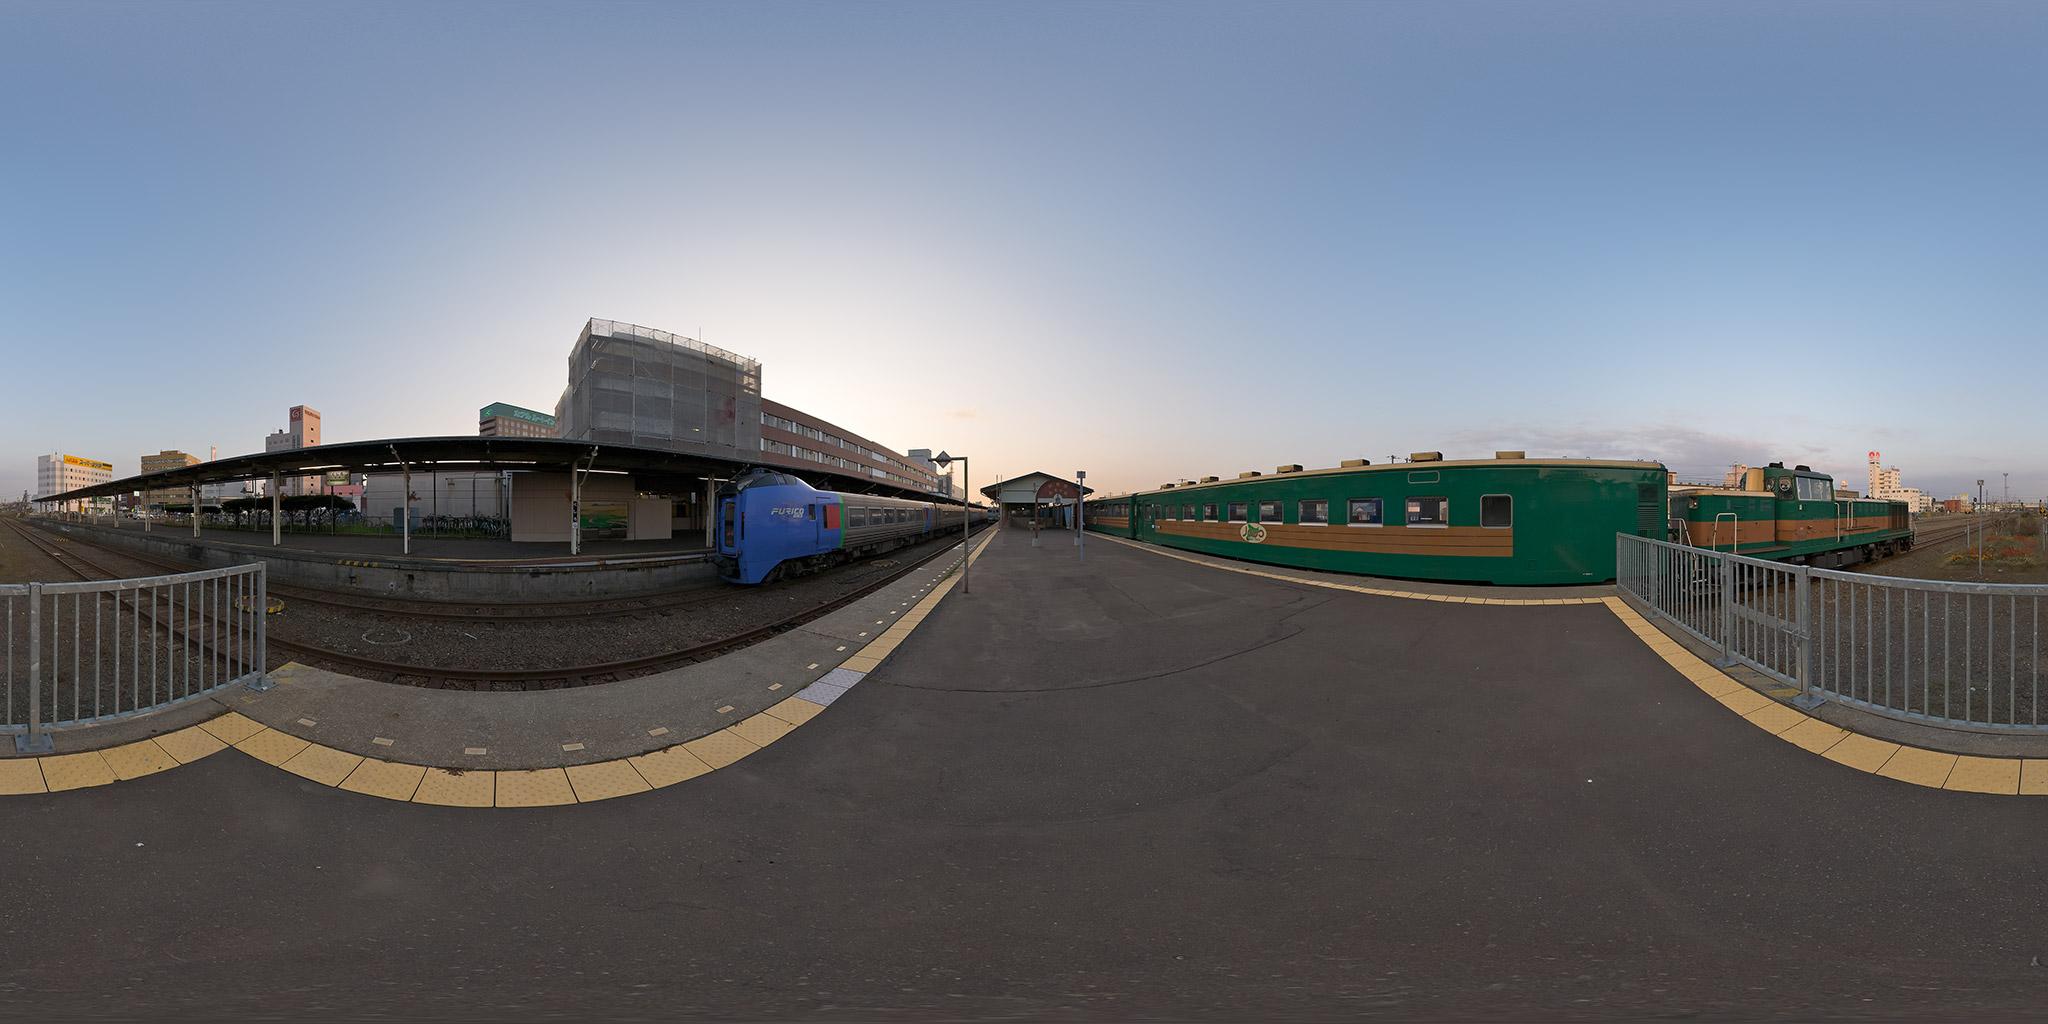 定刻で釧路駅に到着した2429D